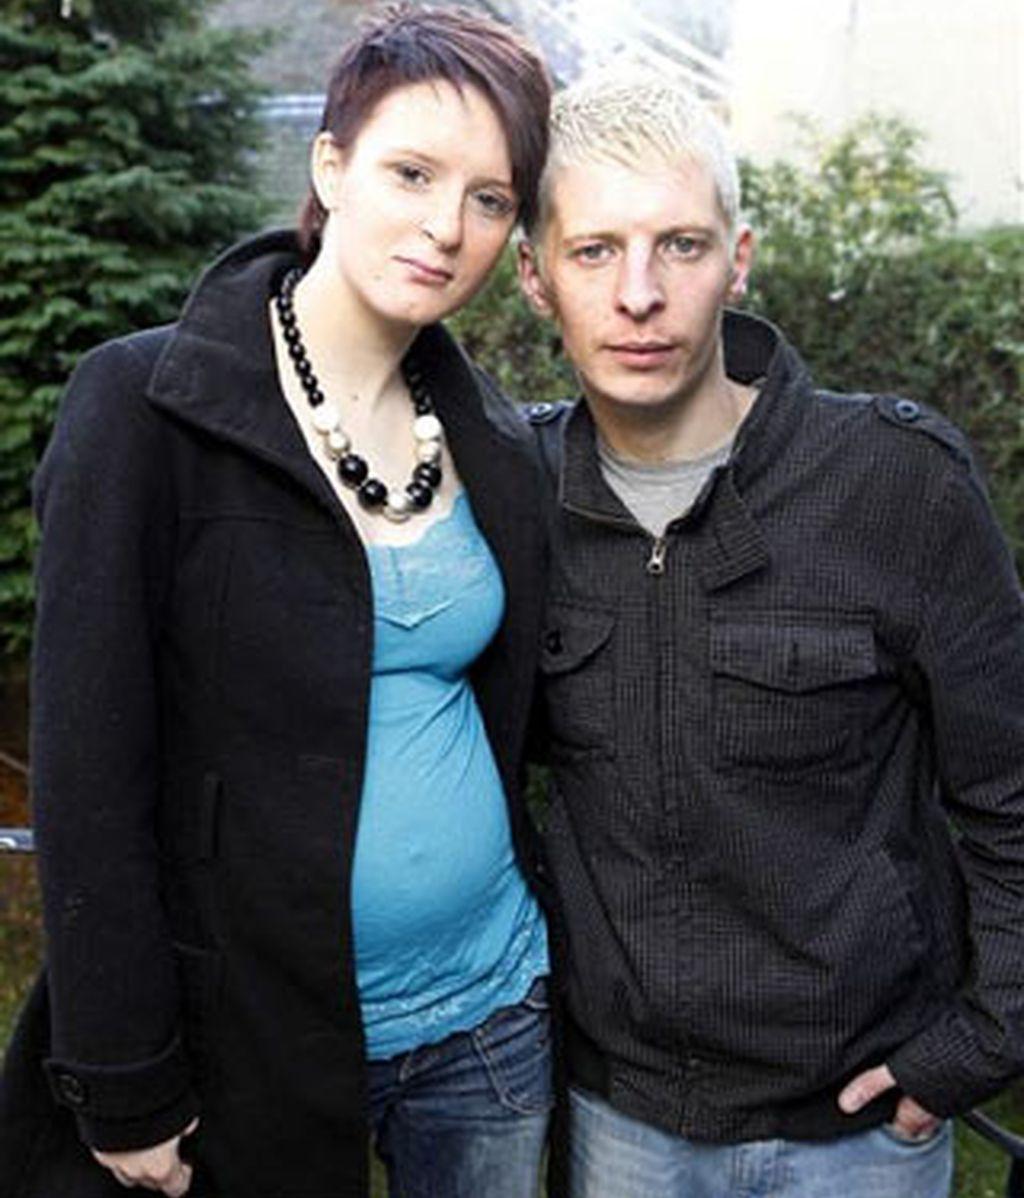 Imagen reciente de la pareja publicada por el Daily Mail. Foto: Daily Mail